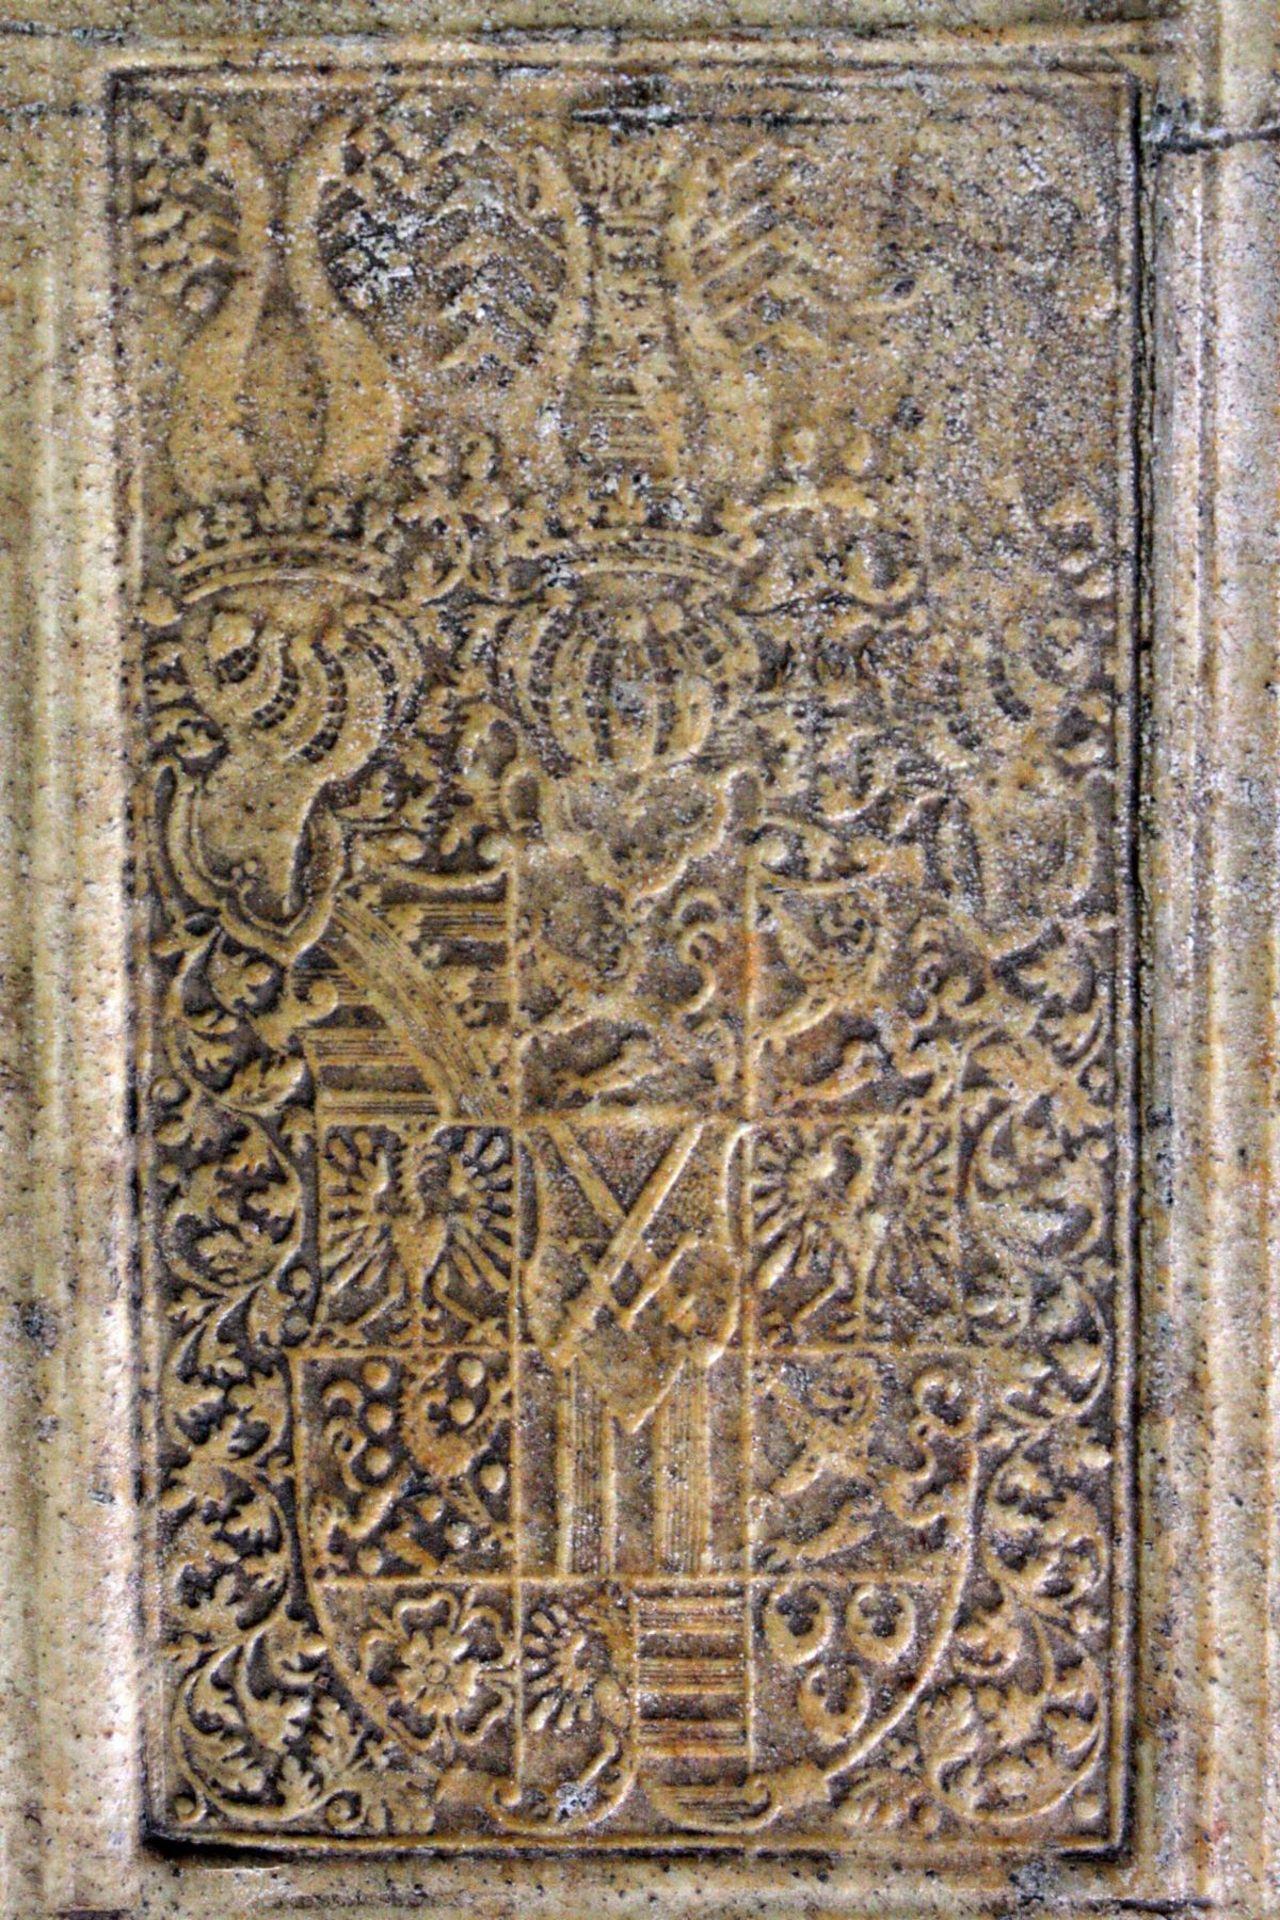 Griechische-Lateinische Bibel, Novum Testamentum 1582 - Bild 22 aus 23